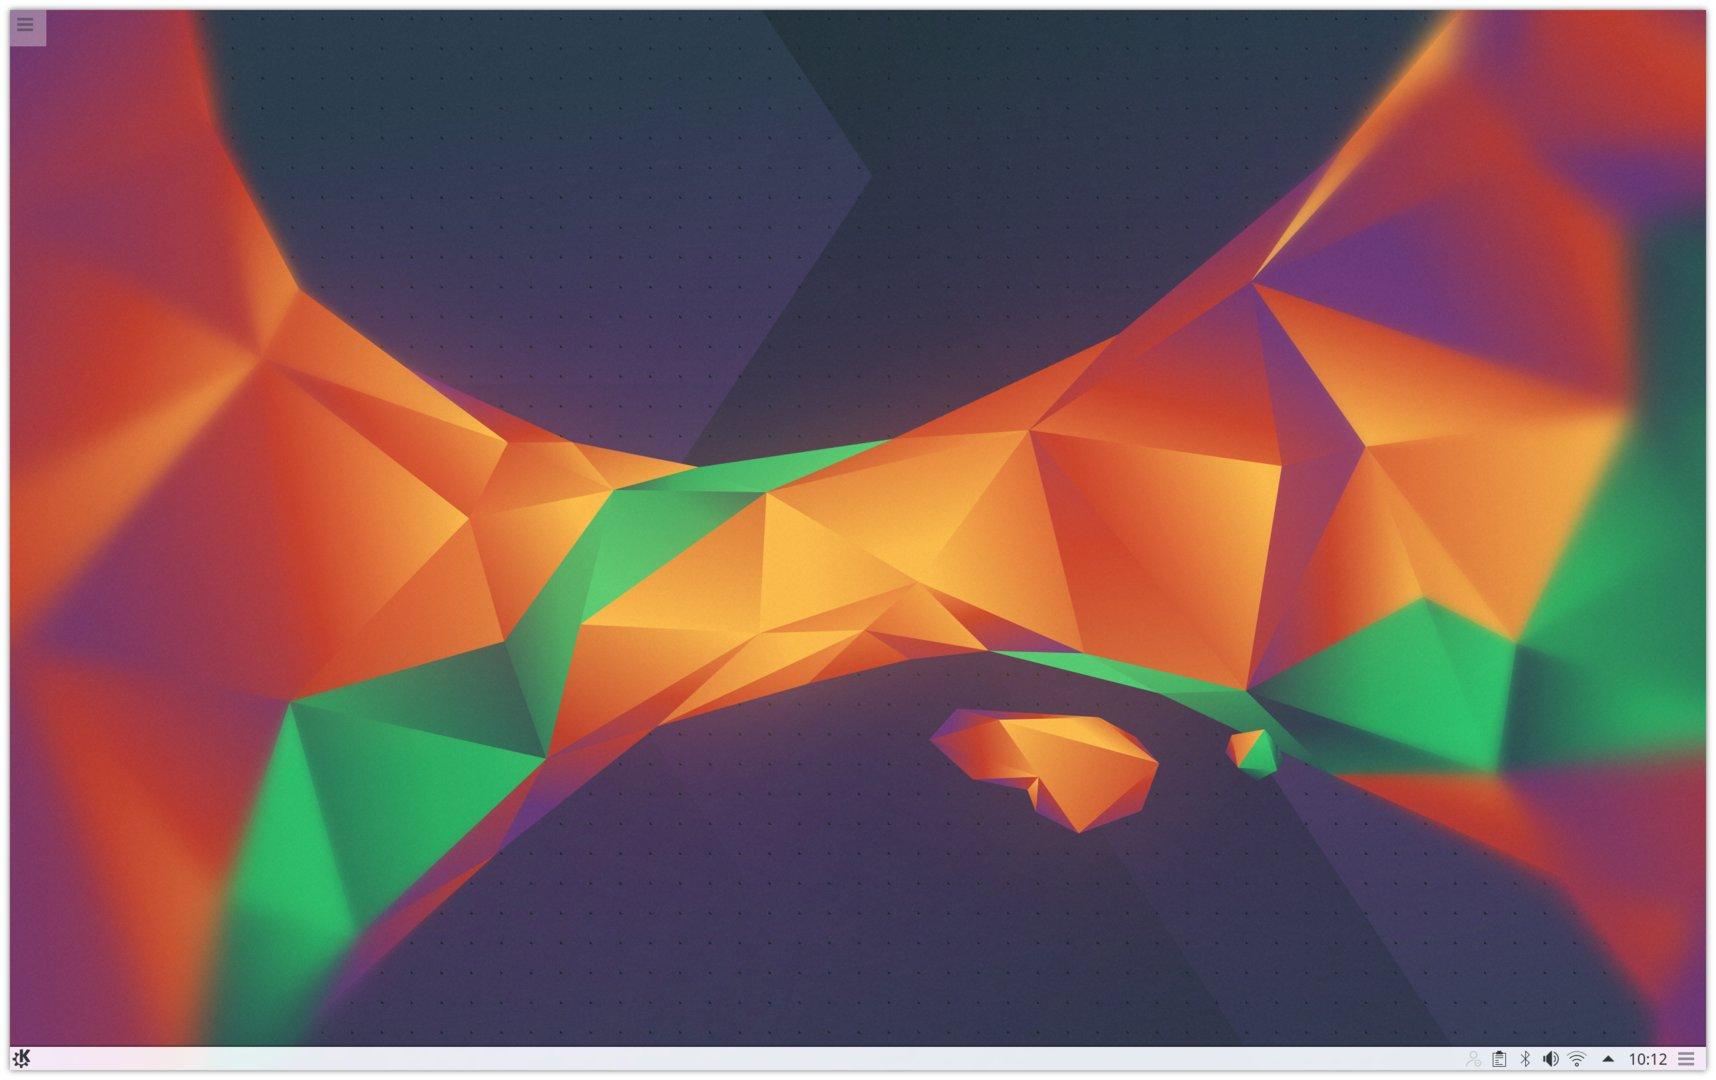 Plasma 5.5 Desktophintergrund